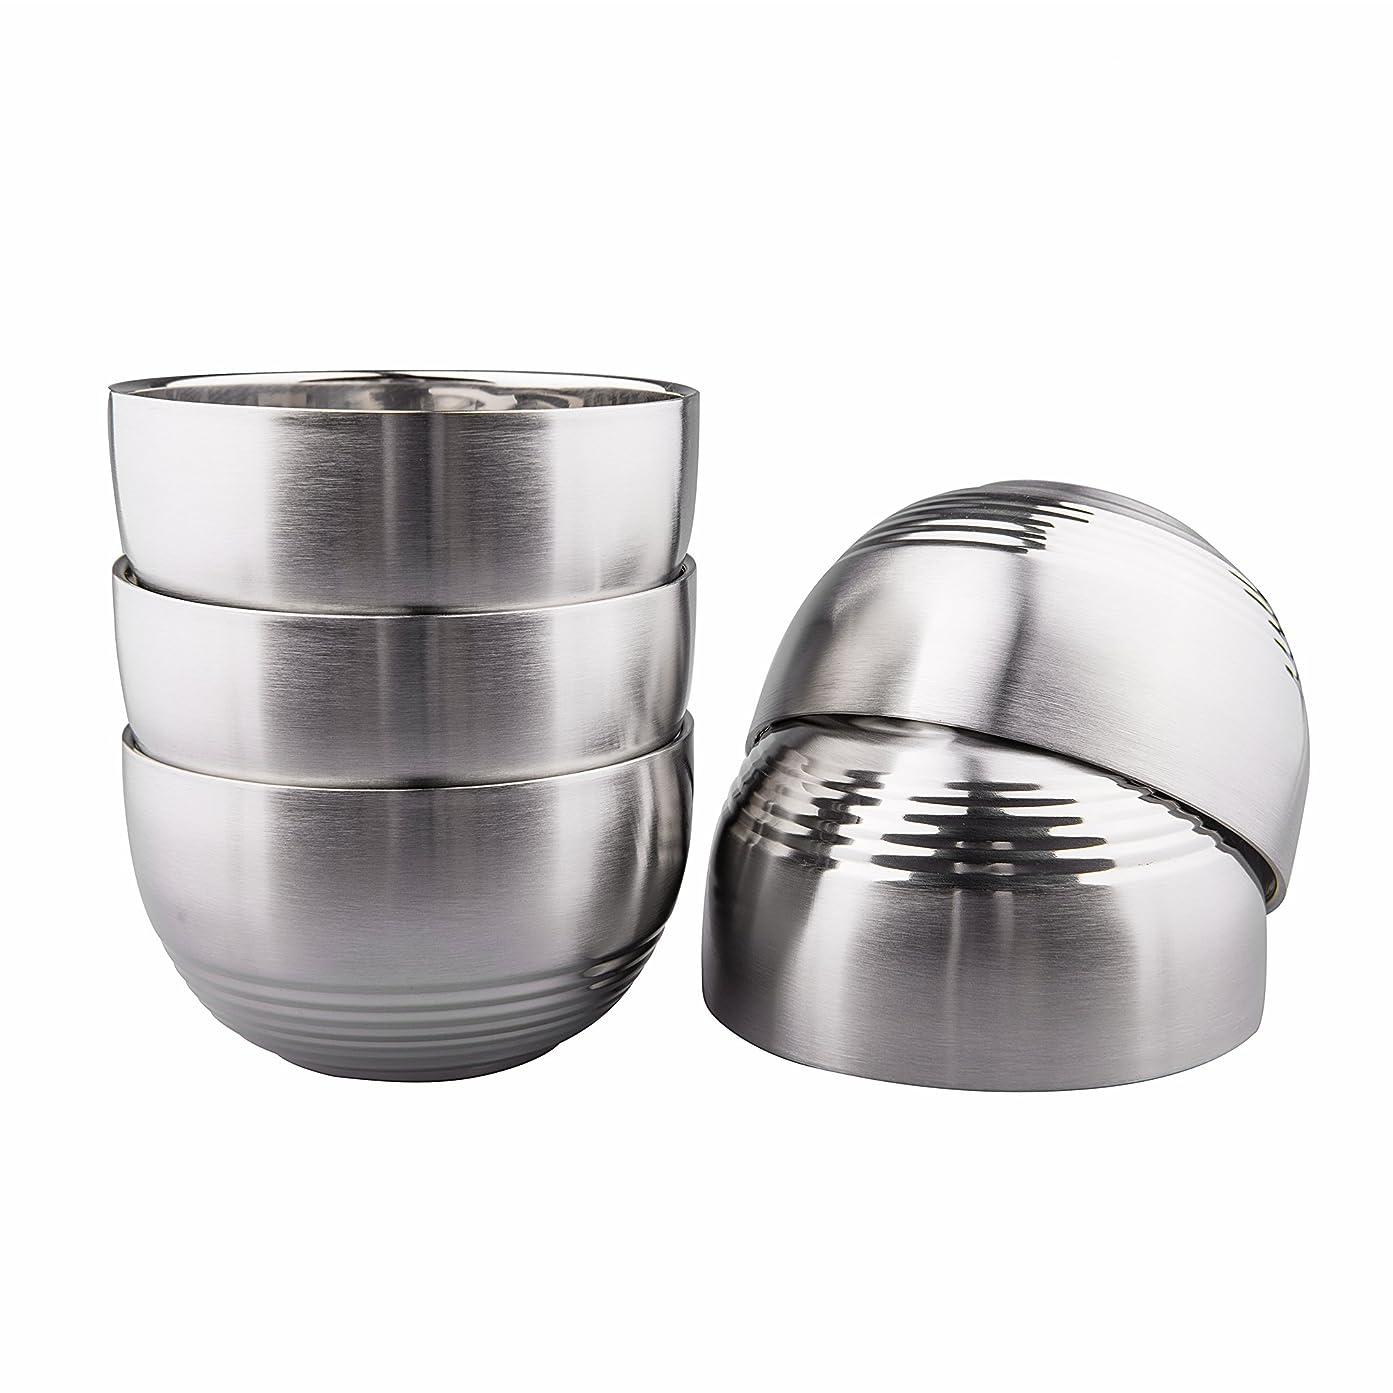 いつか運賃コーナーIMEEA 茶碗 めし碗 つや消し SUS304 ステンレス 断熱 二重構造 ボウル こども用ボウル 5個セット